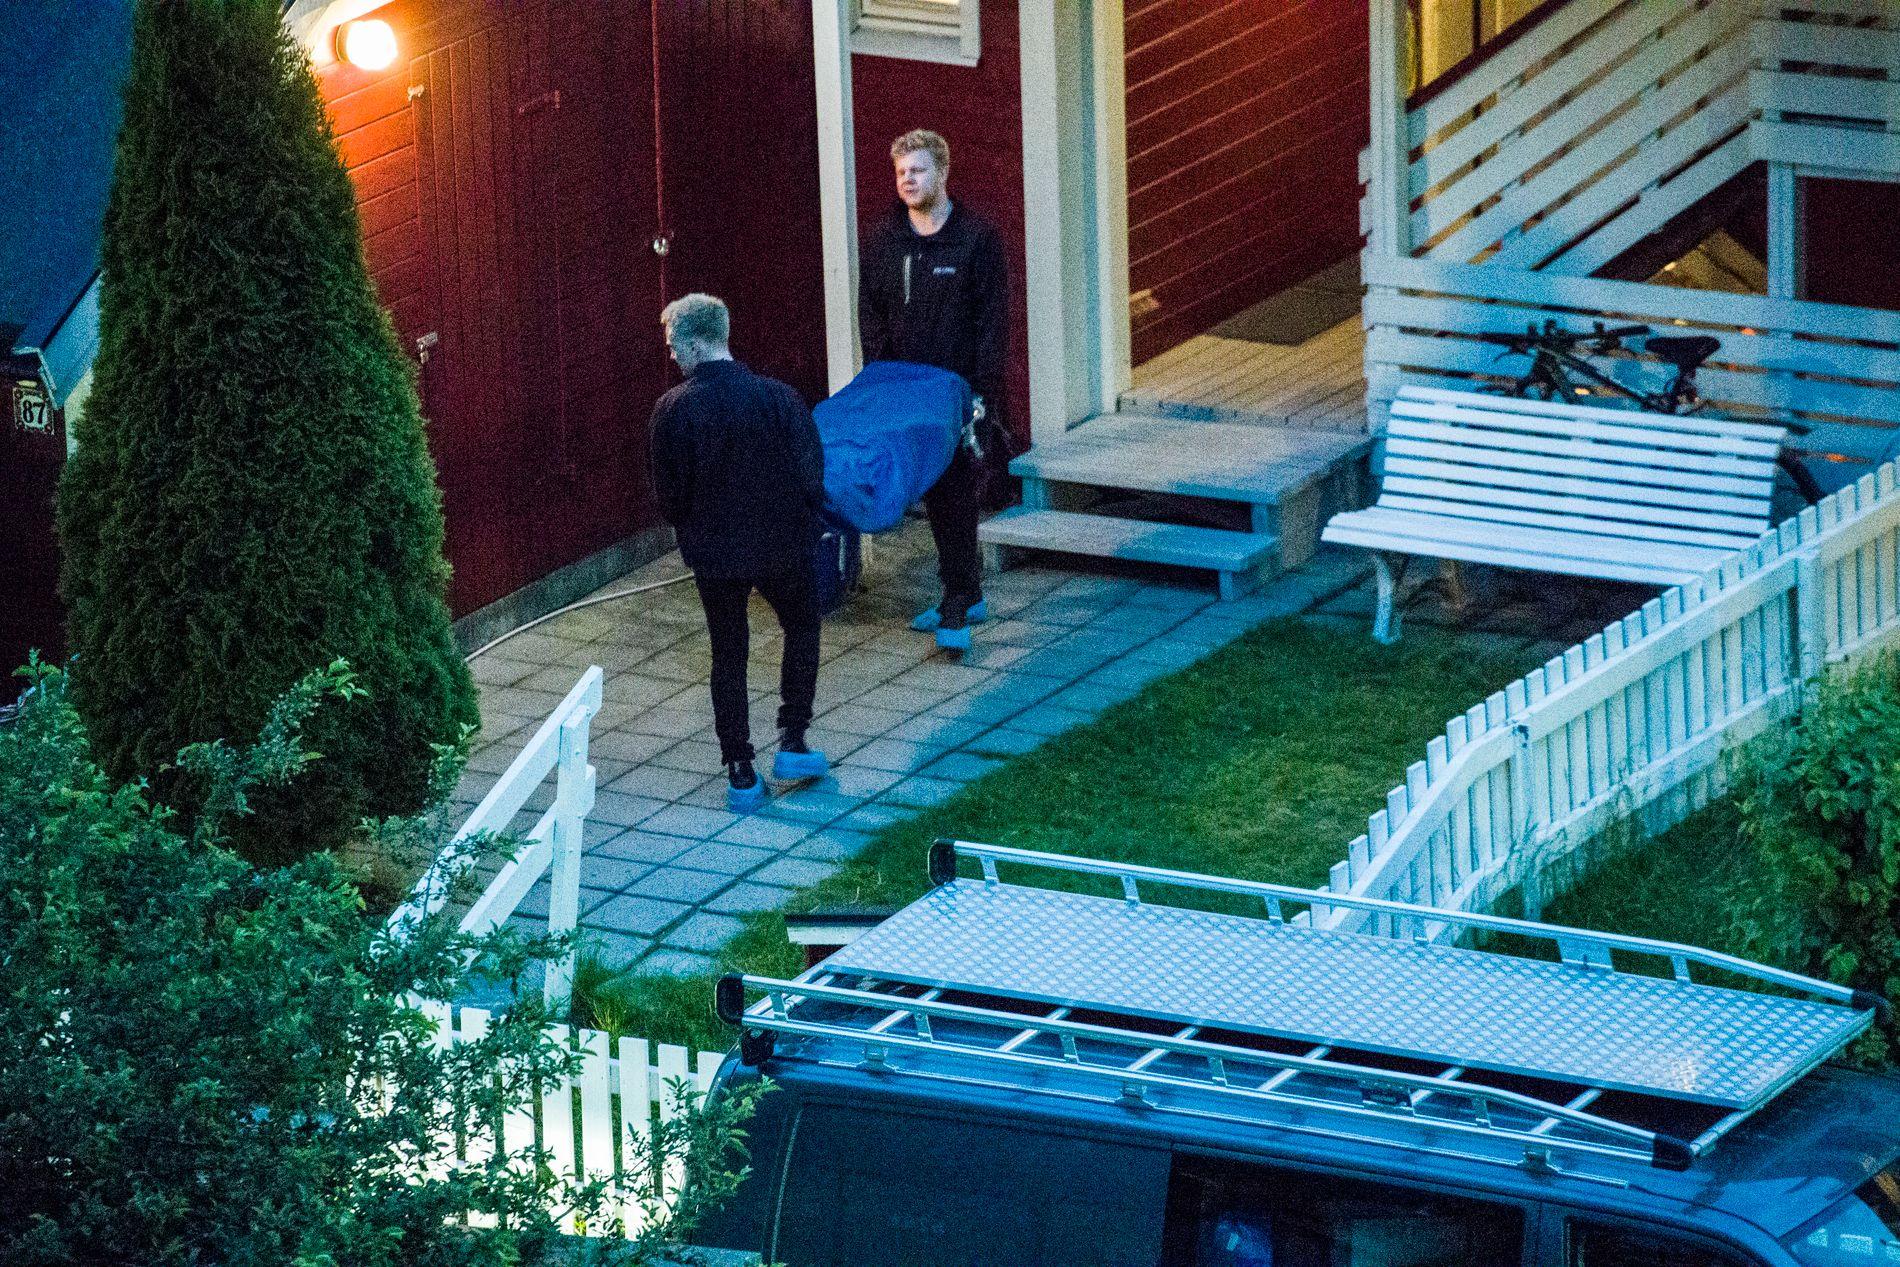 KNIVSTUKKET: Den 54 år gammel mannen ble funnet knivstukket i sin egen leilighet i Hellerudgrenda i Oslo 15. juni 2017. Her blir liket båret ut av leiligheten.